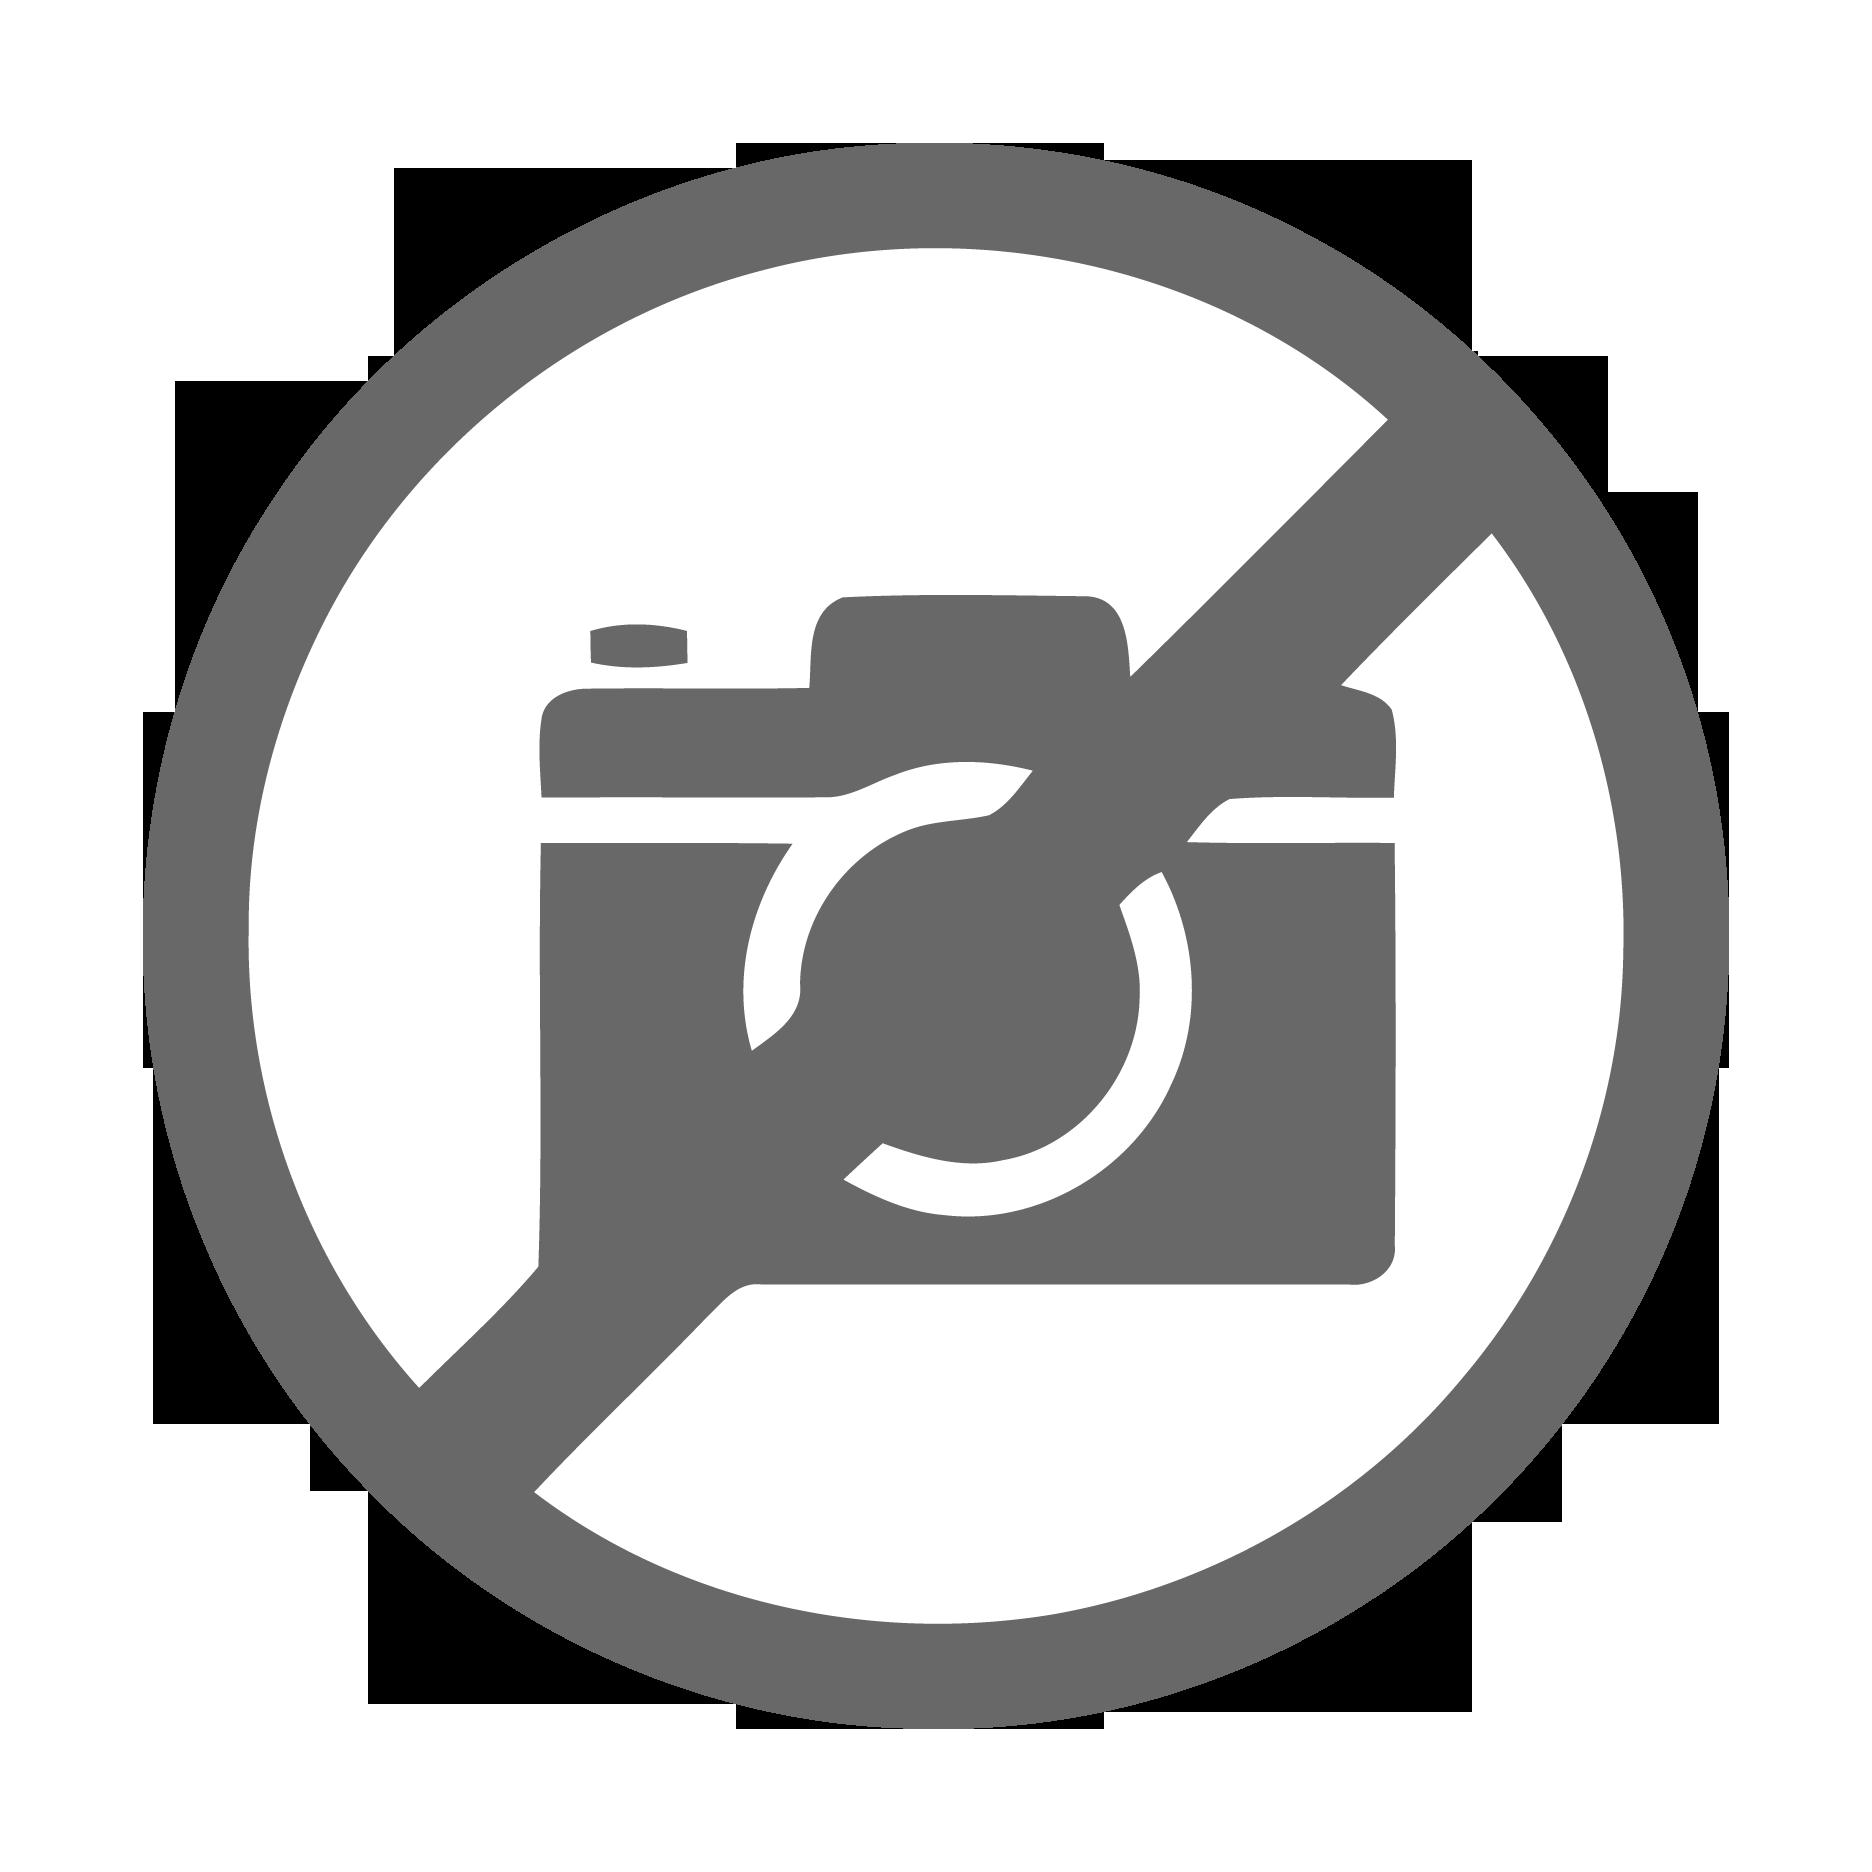 Restorancheto Efe